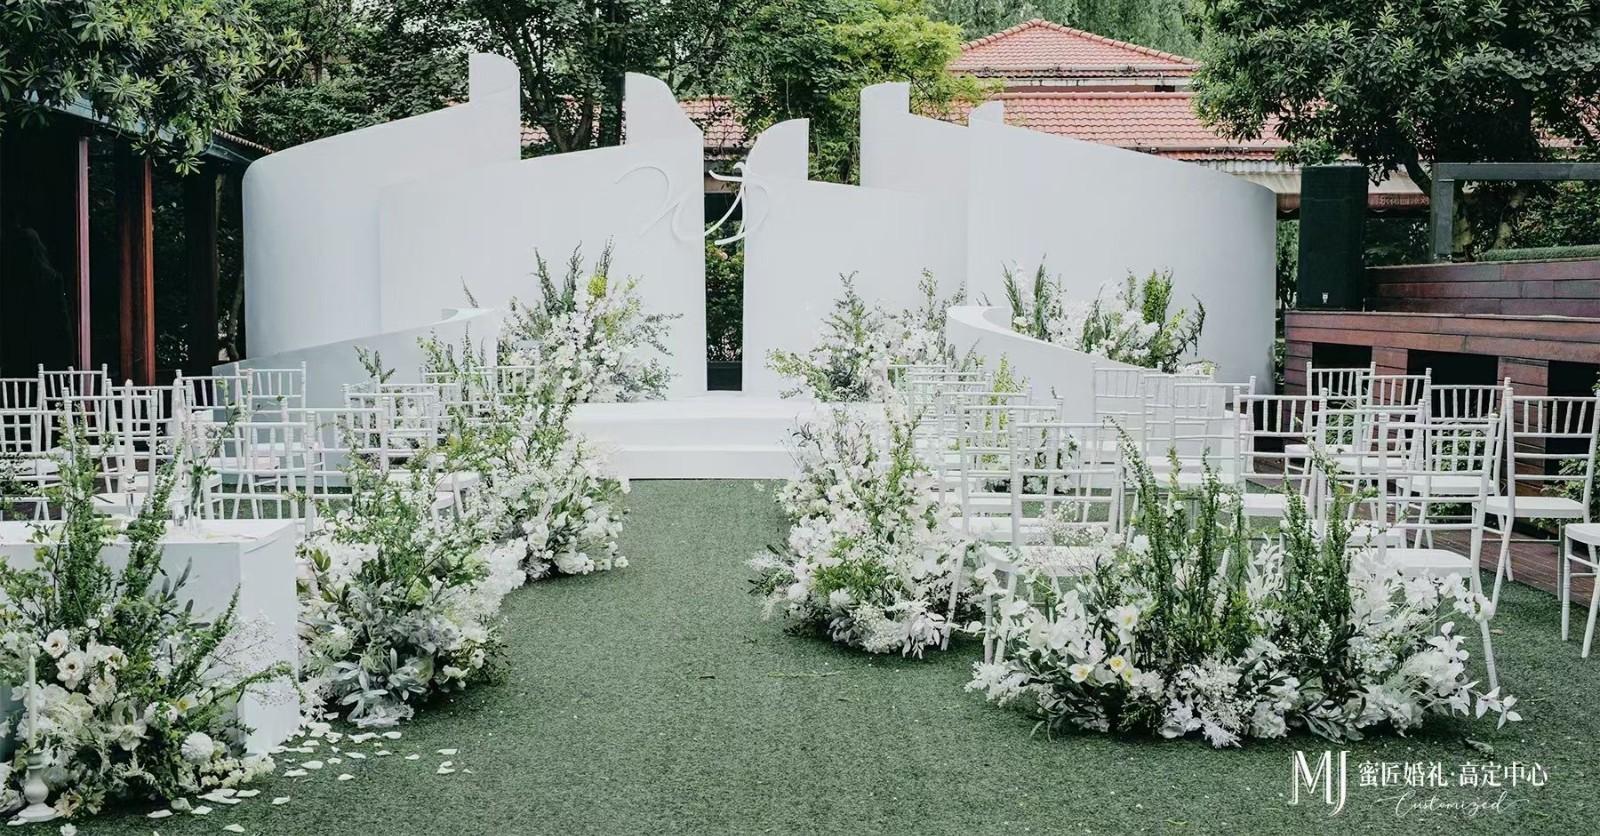 石家庄农村婚礼搭个舞台一般多少钱 石家庄婚礼现场布置要多少钱